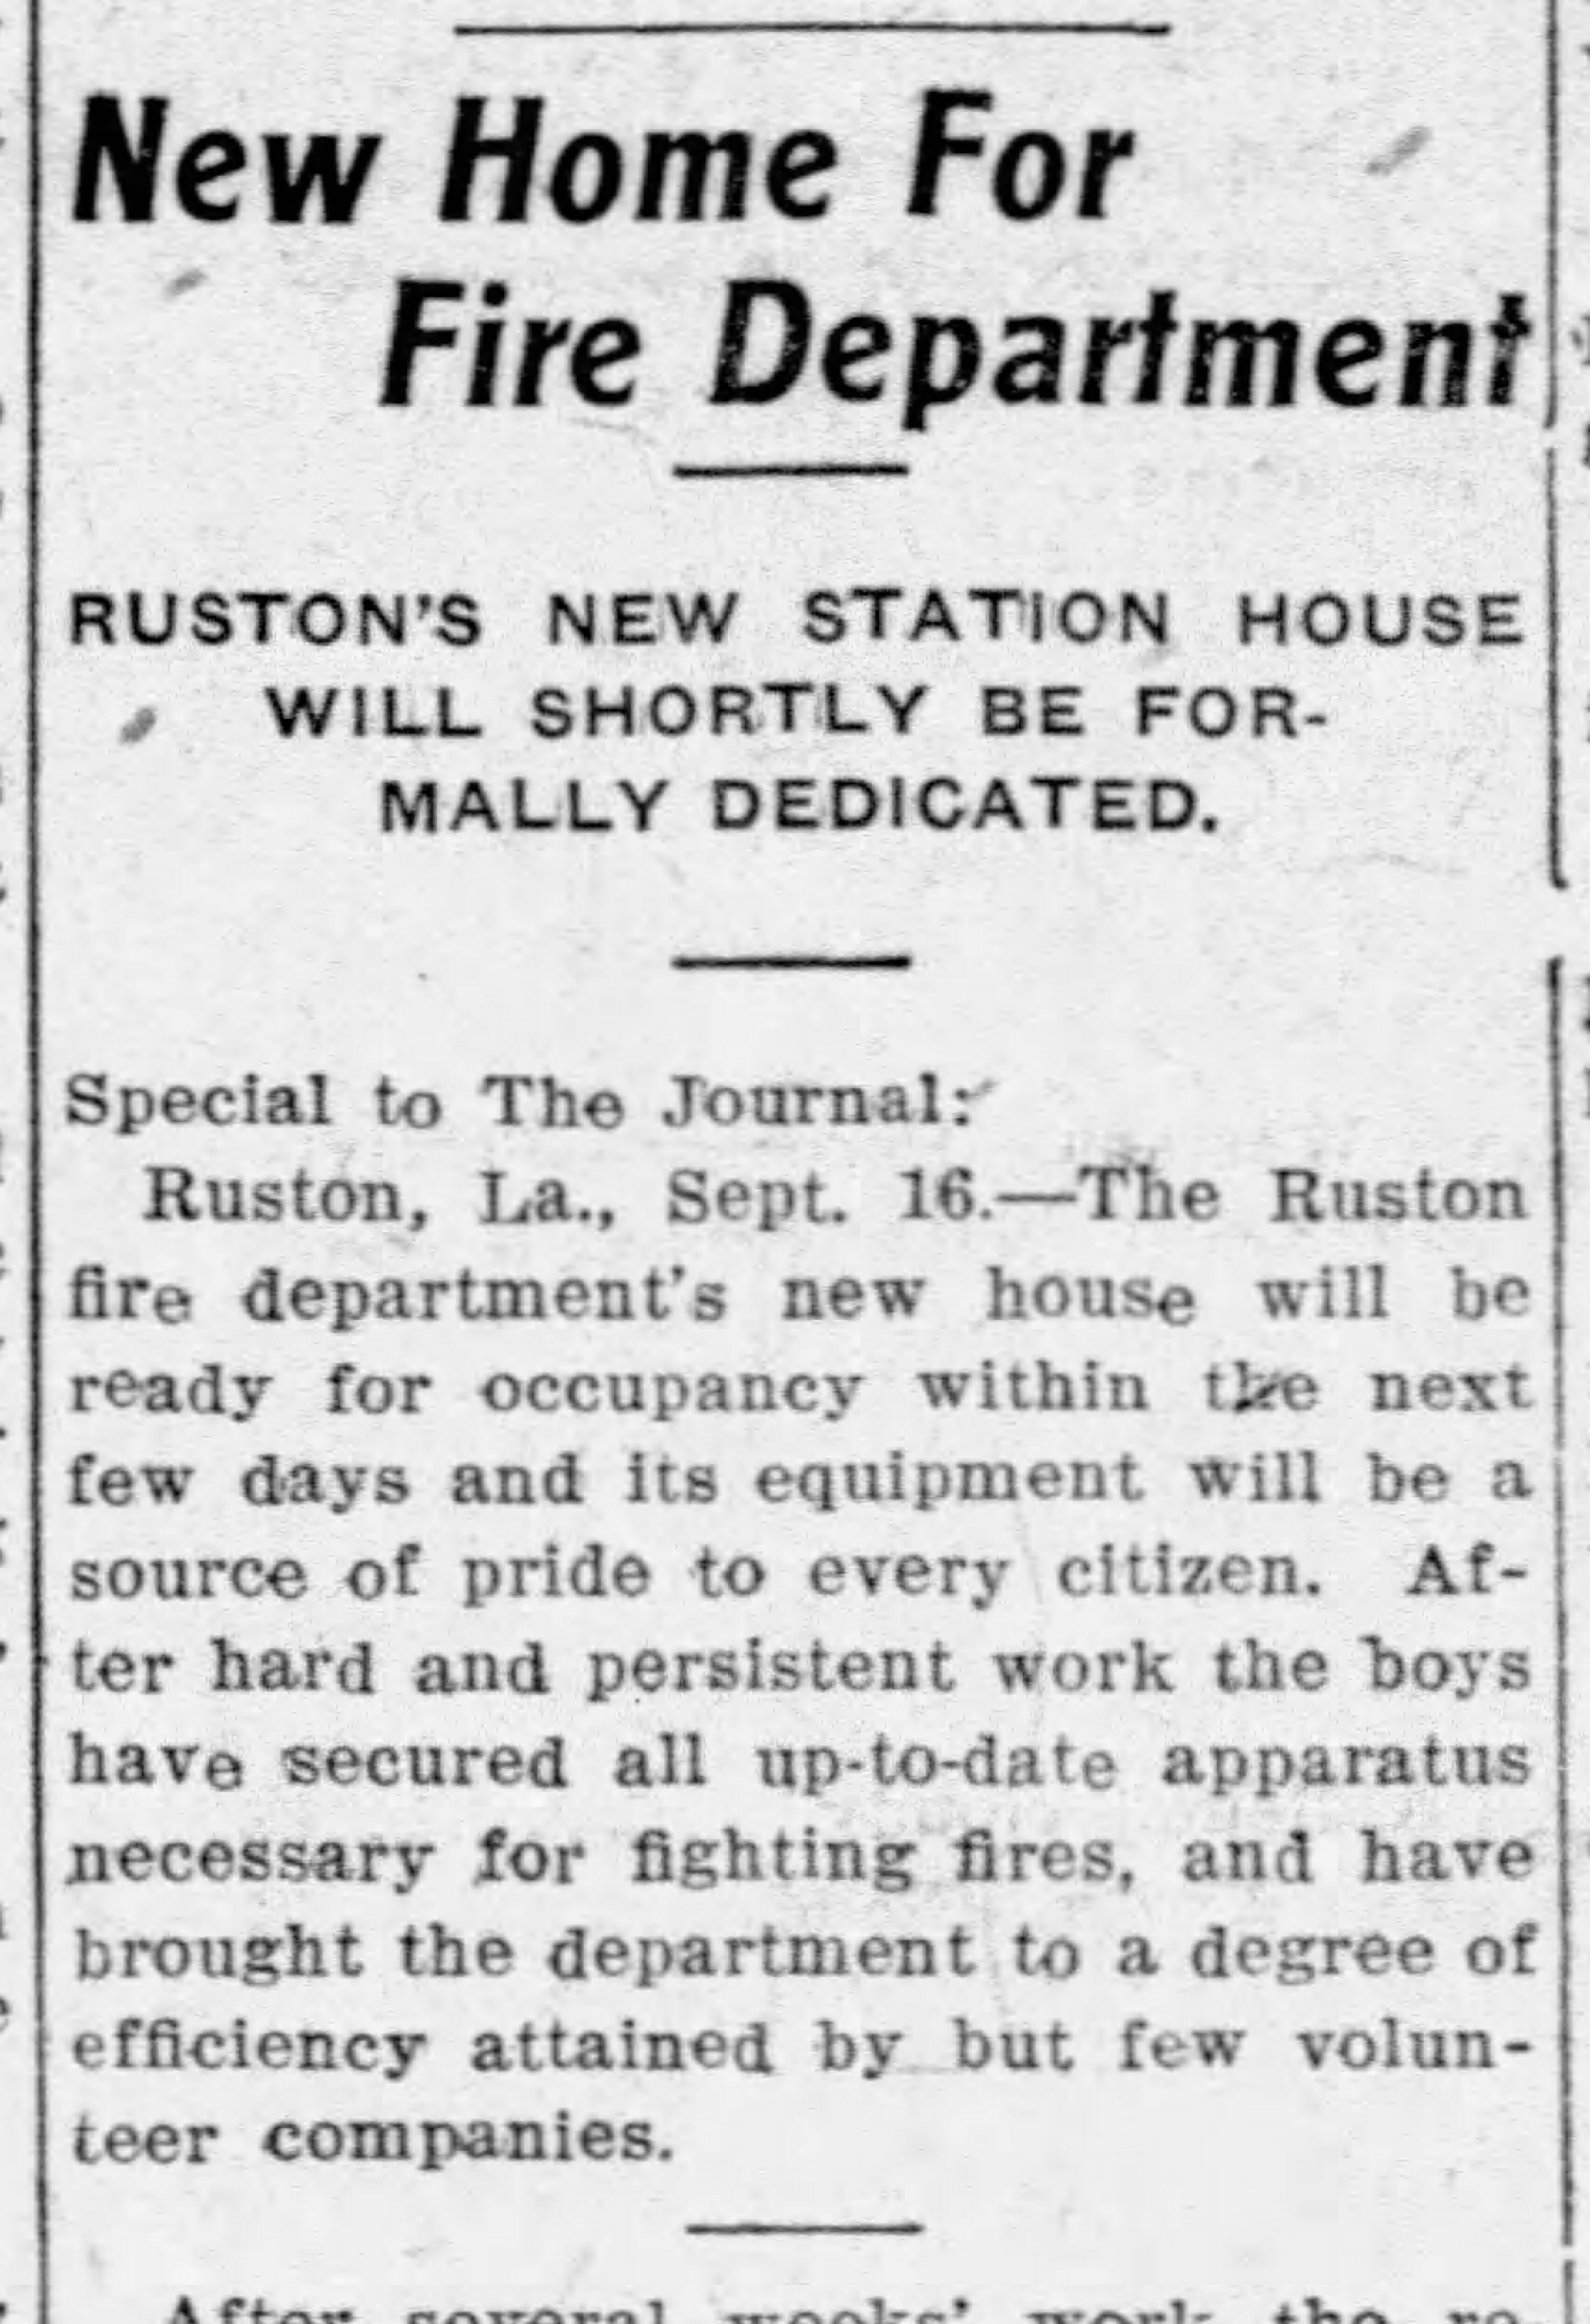 September 16, 1907